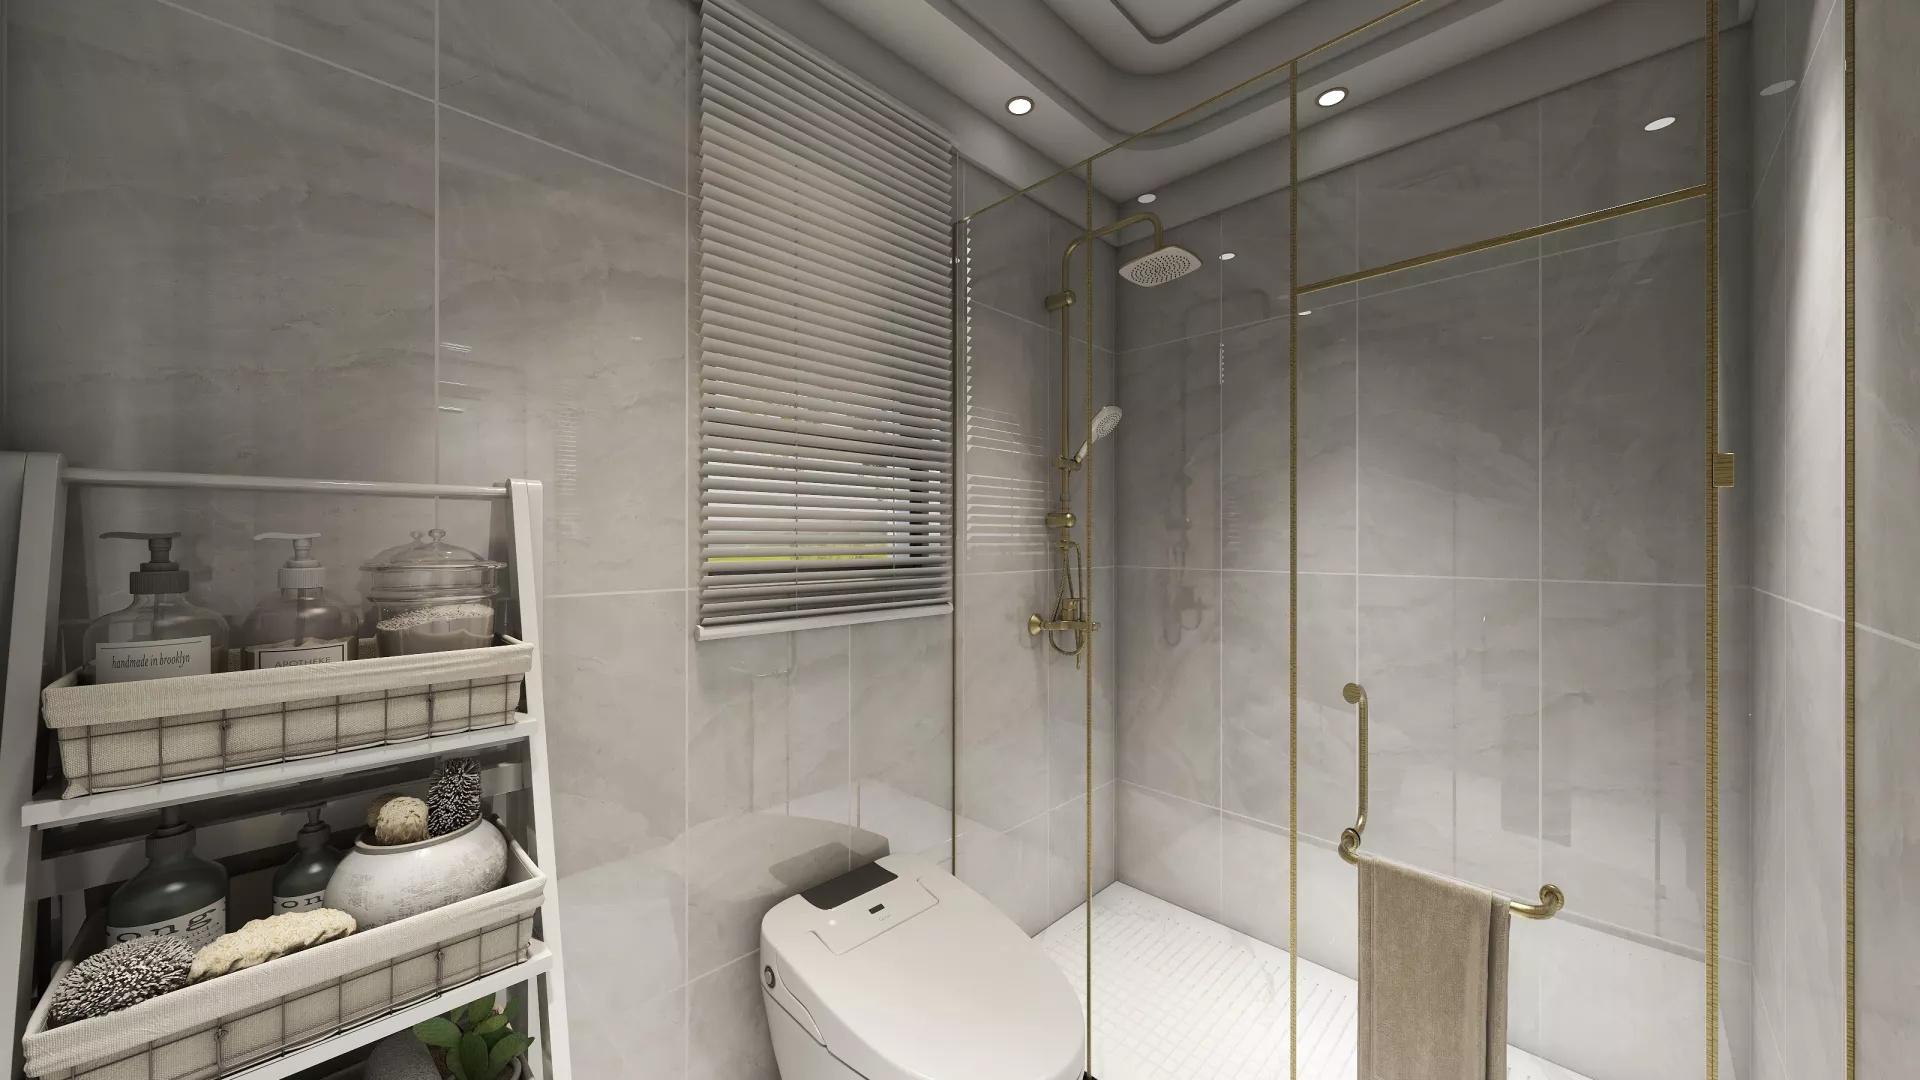 玺泽卫浴怎么保养 玺泽卫浴的日常清洁保养